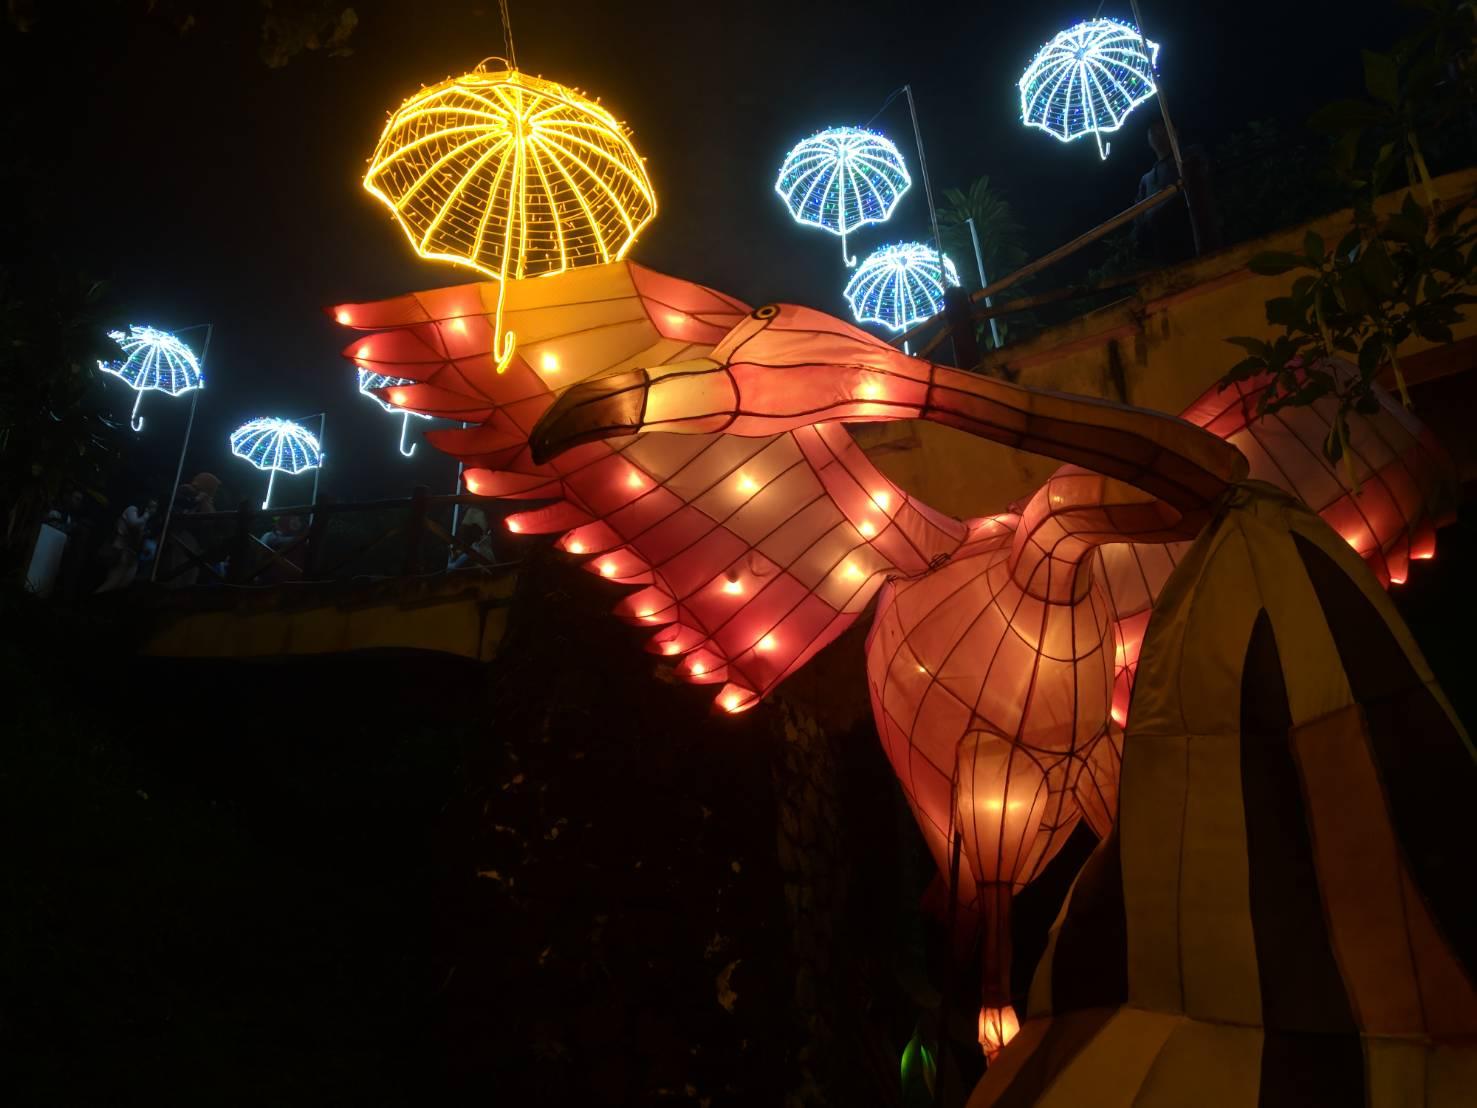 Lampion raksasa berbentuk Flamengo, burung merah jambu, dari Amerika. (Foto: Taufiq/Ekonomika)